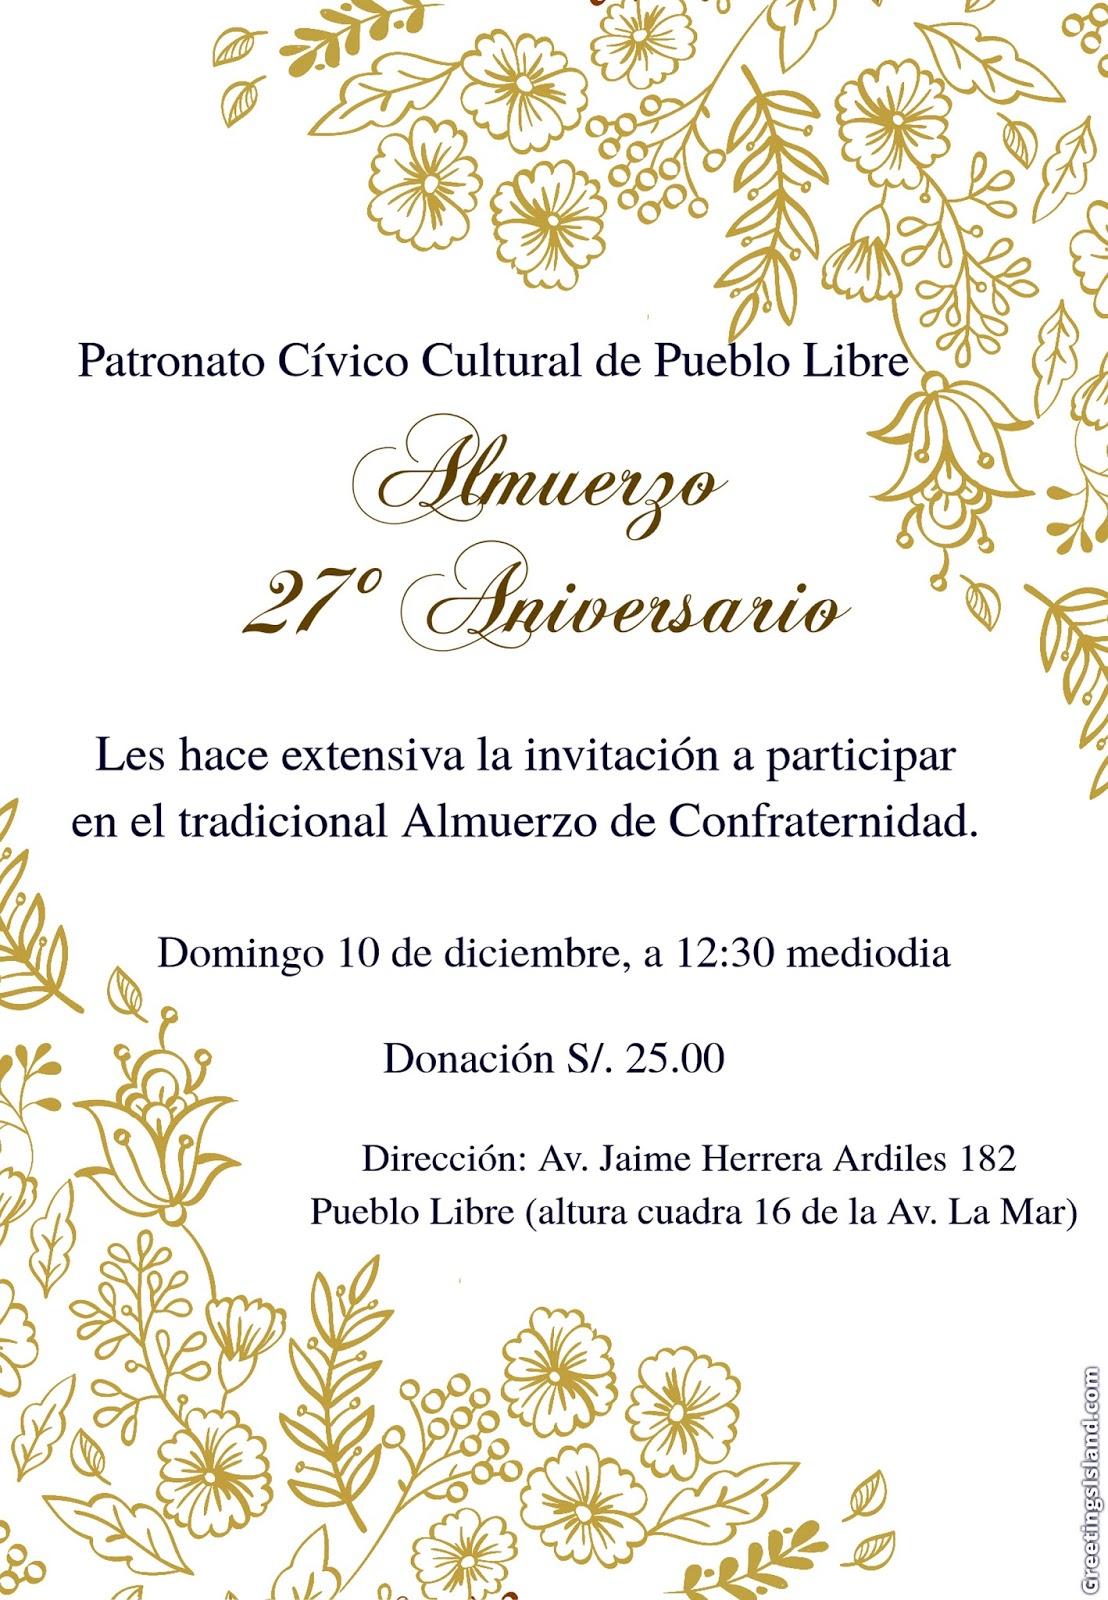 Patronato Cívico Cultural De Pueblo Libre Paccpul 11 29 17